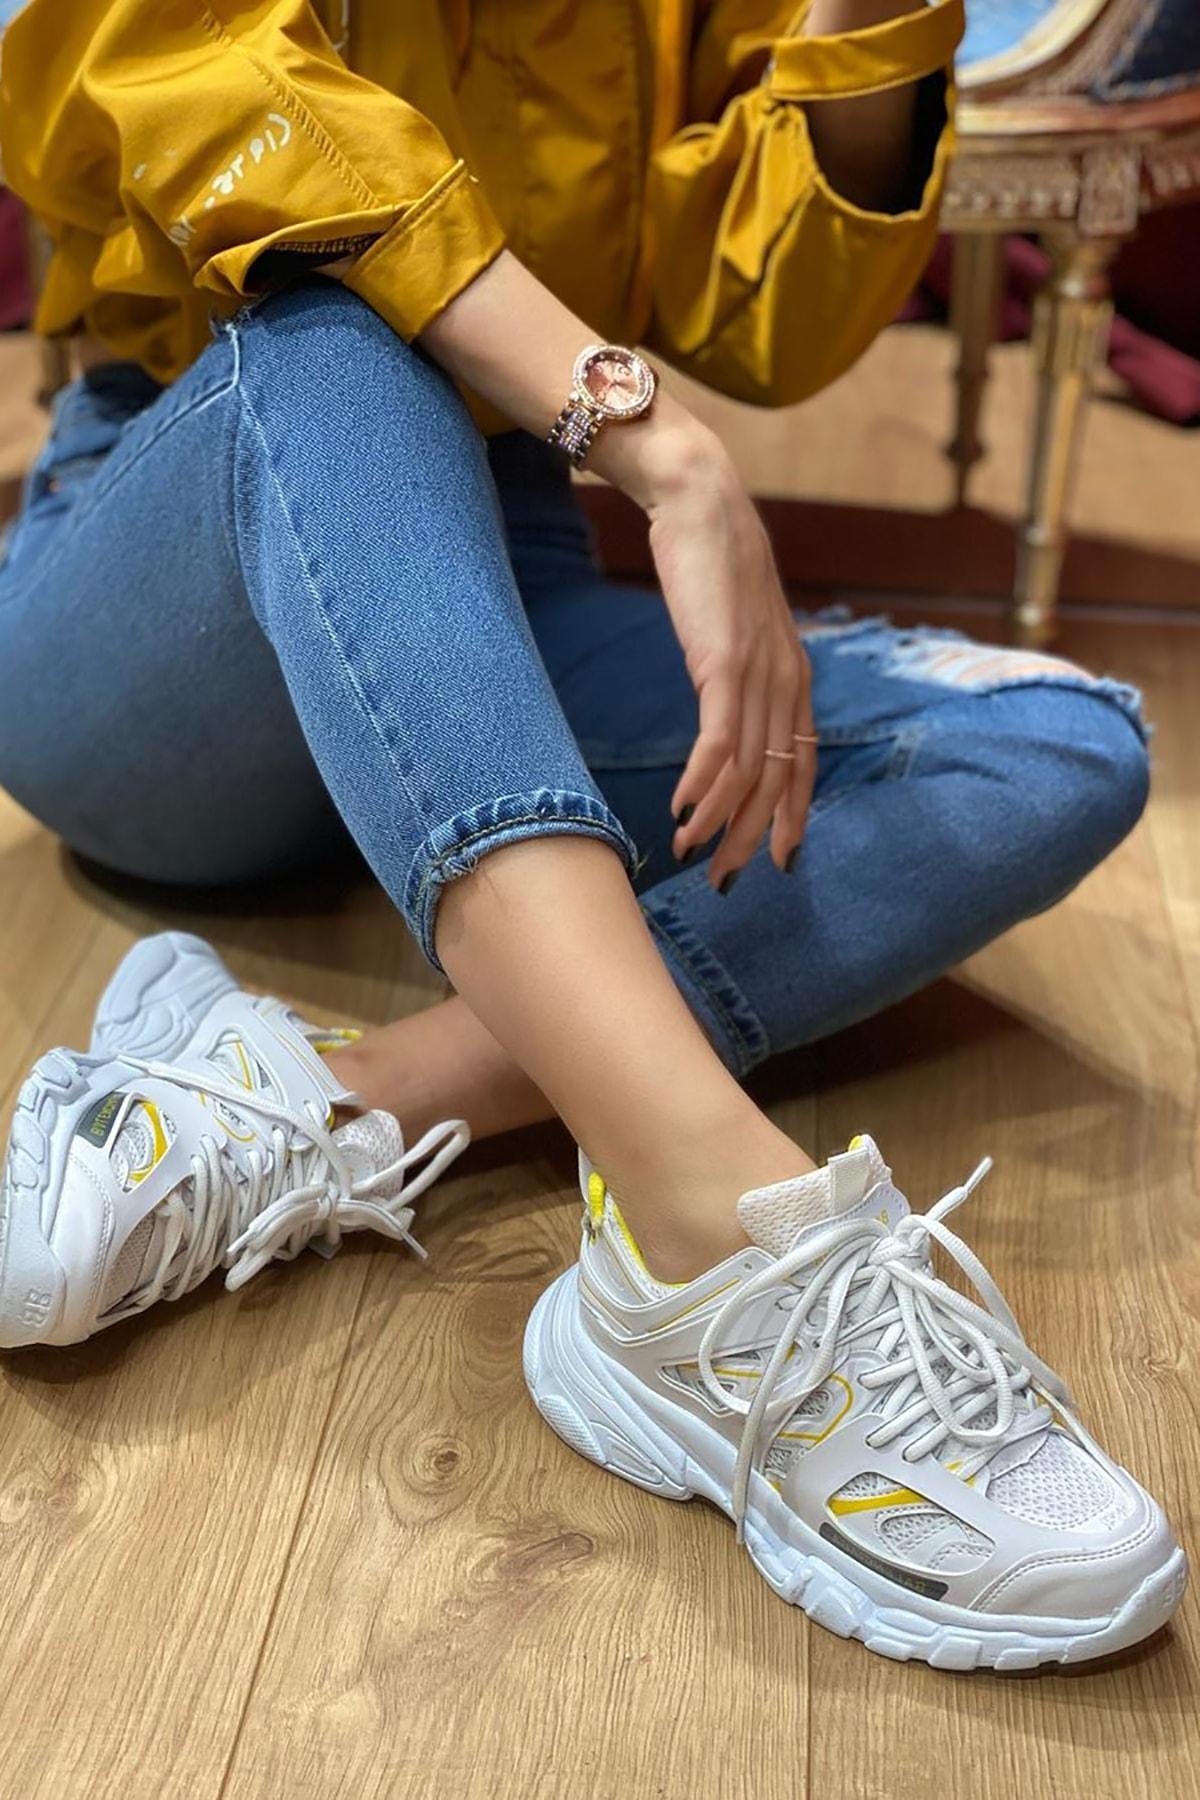 NOVELYA Beyaz Sarı Çizgili Track Yüksek Taban Unisex Sneakers Ayakkabı 2